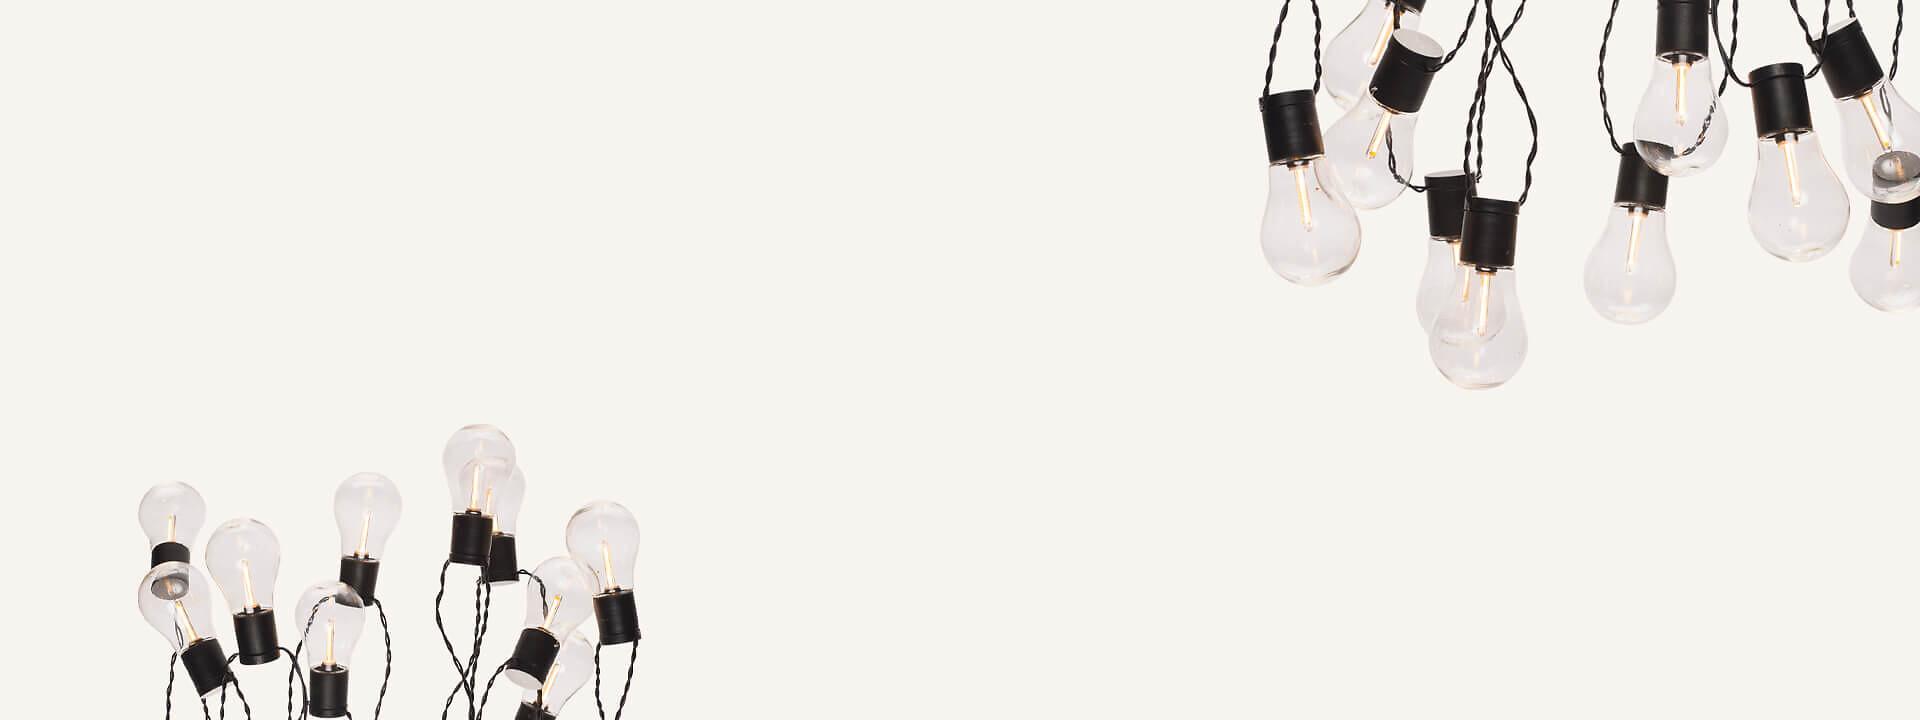 Led-valosarjat ulkokäyttöön